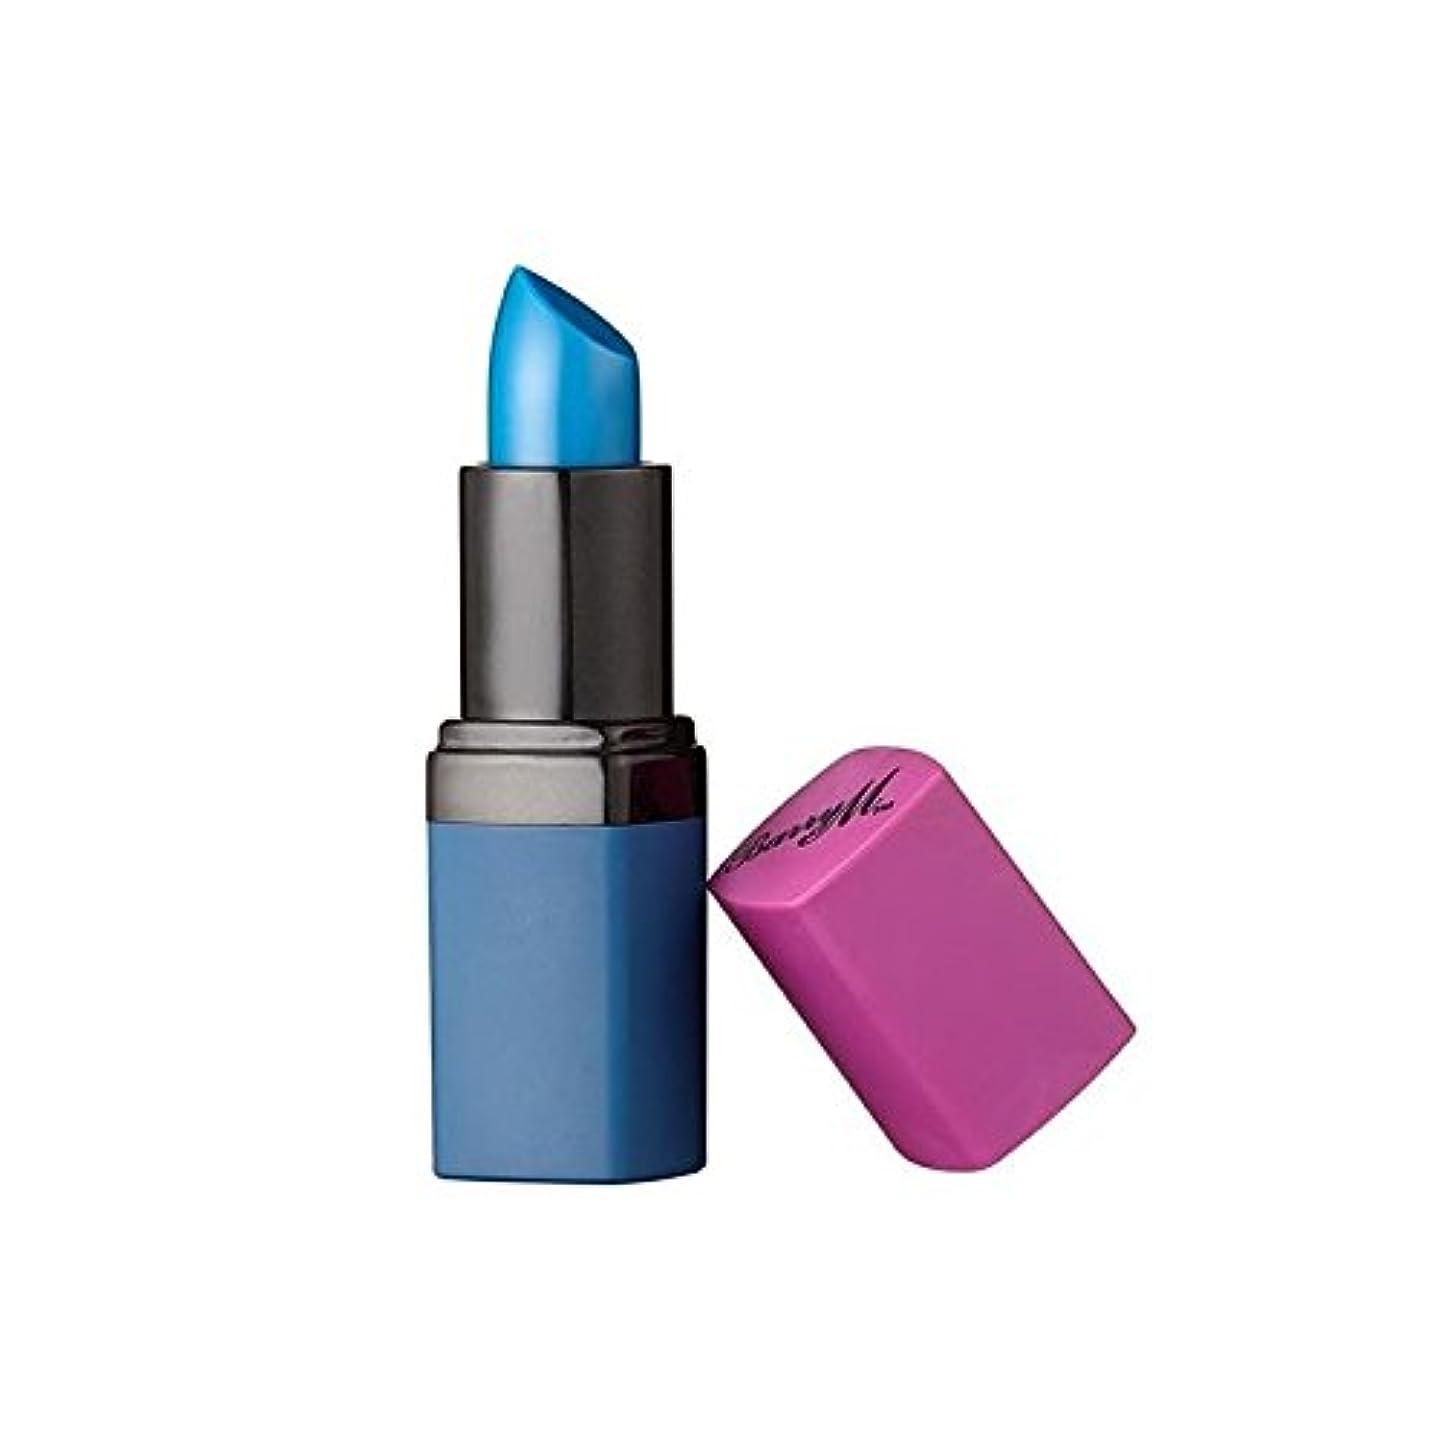 つぼみワット援助するバリーメートルネプチューンリップペイント x4 - Barry M Neptune Lip Paint (Pack of 4) [並行輸入品]